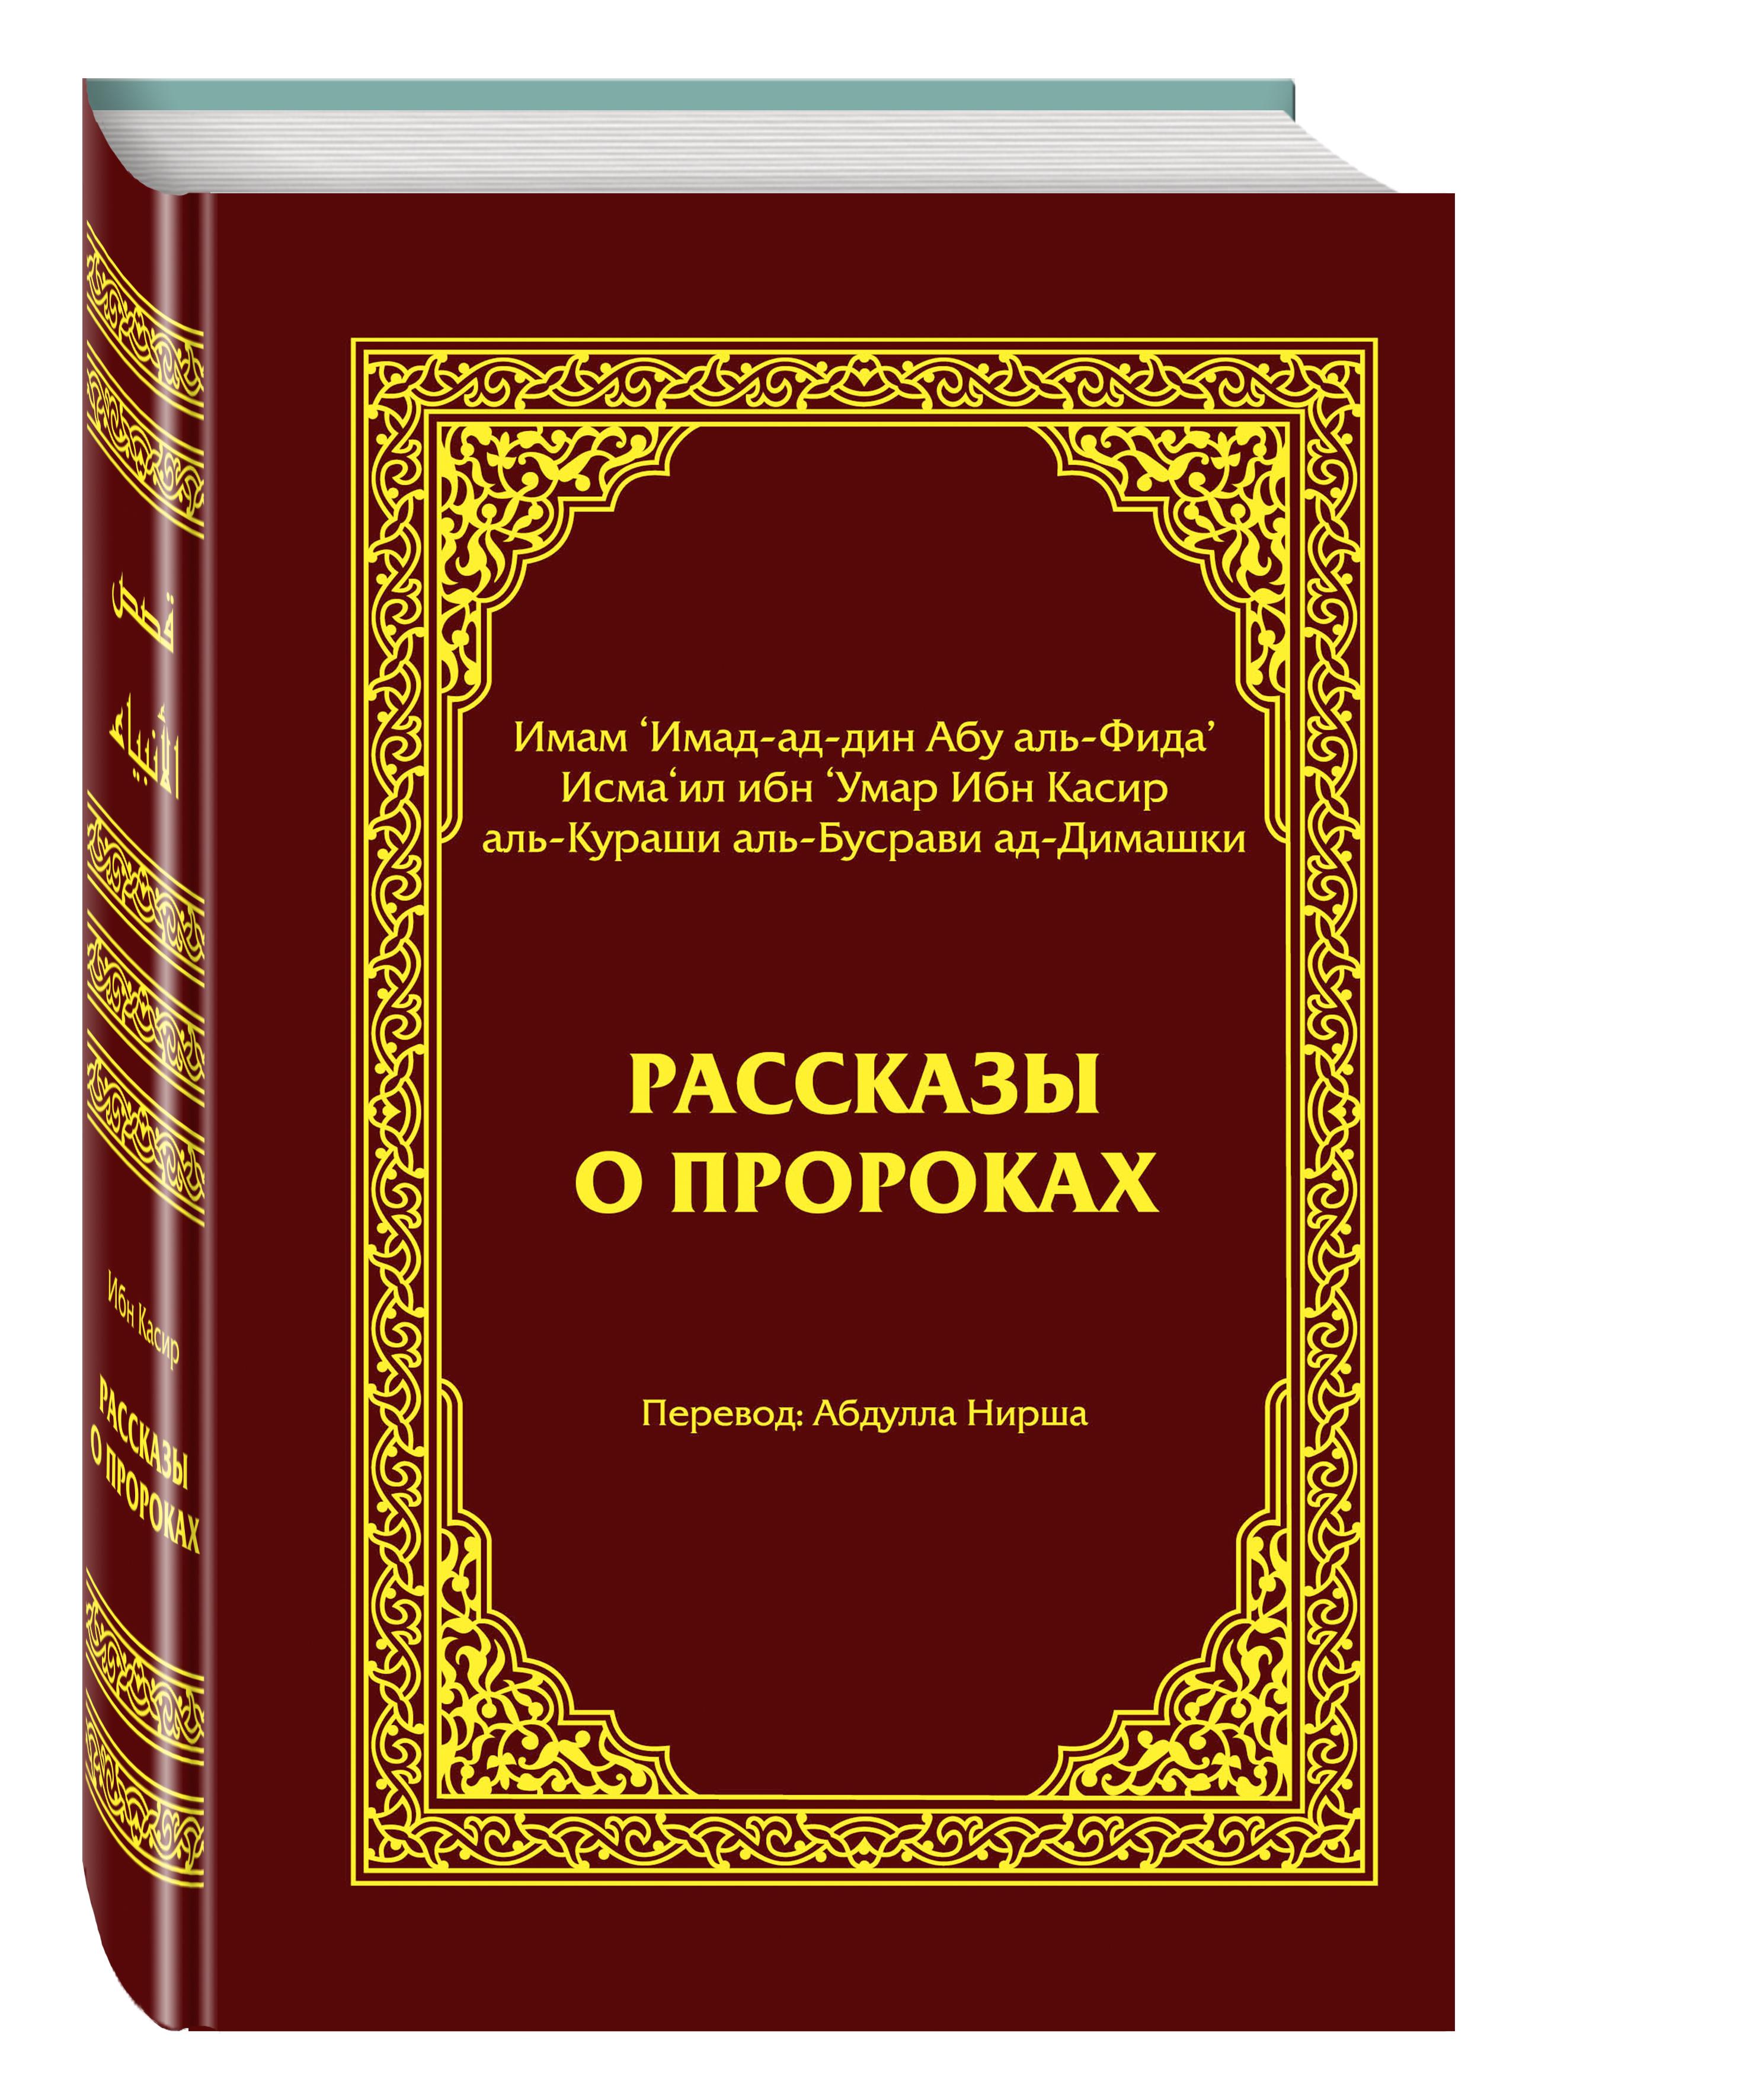 Рассказы о пророках